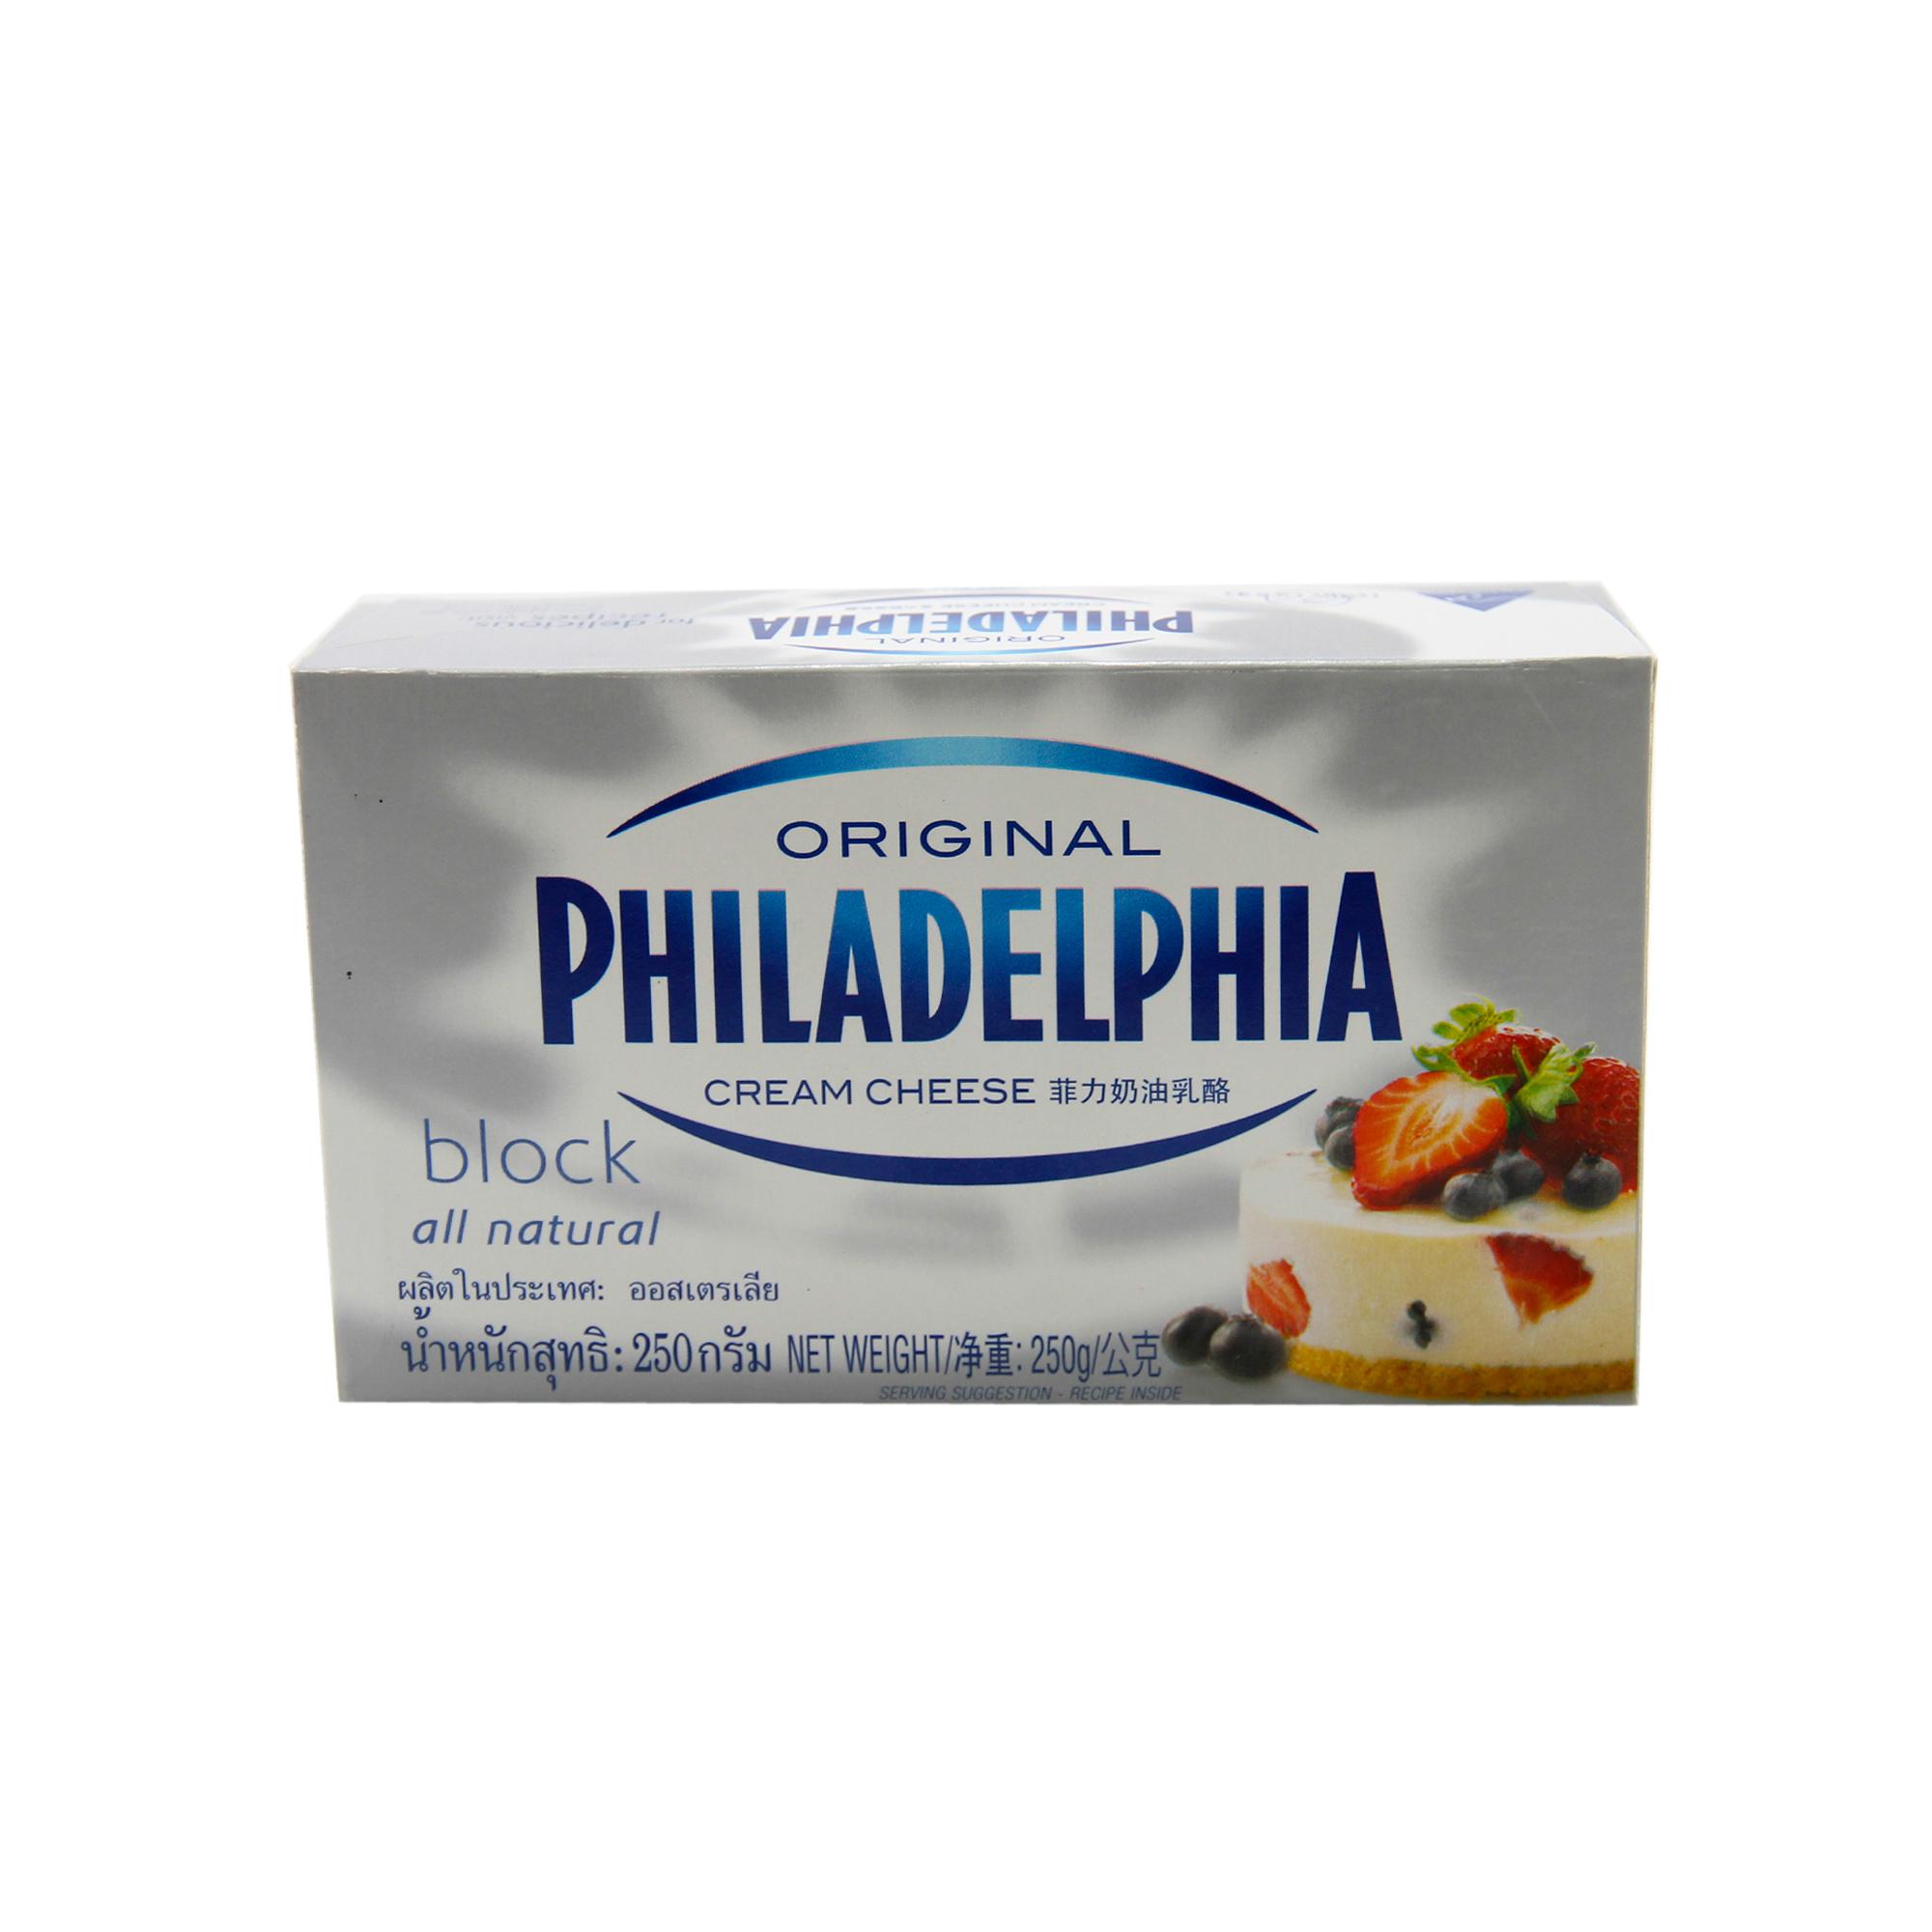 ฟิลาเดลเฟีย ครีมชีส (Philadelphia Cream Cheese) 250 g